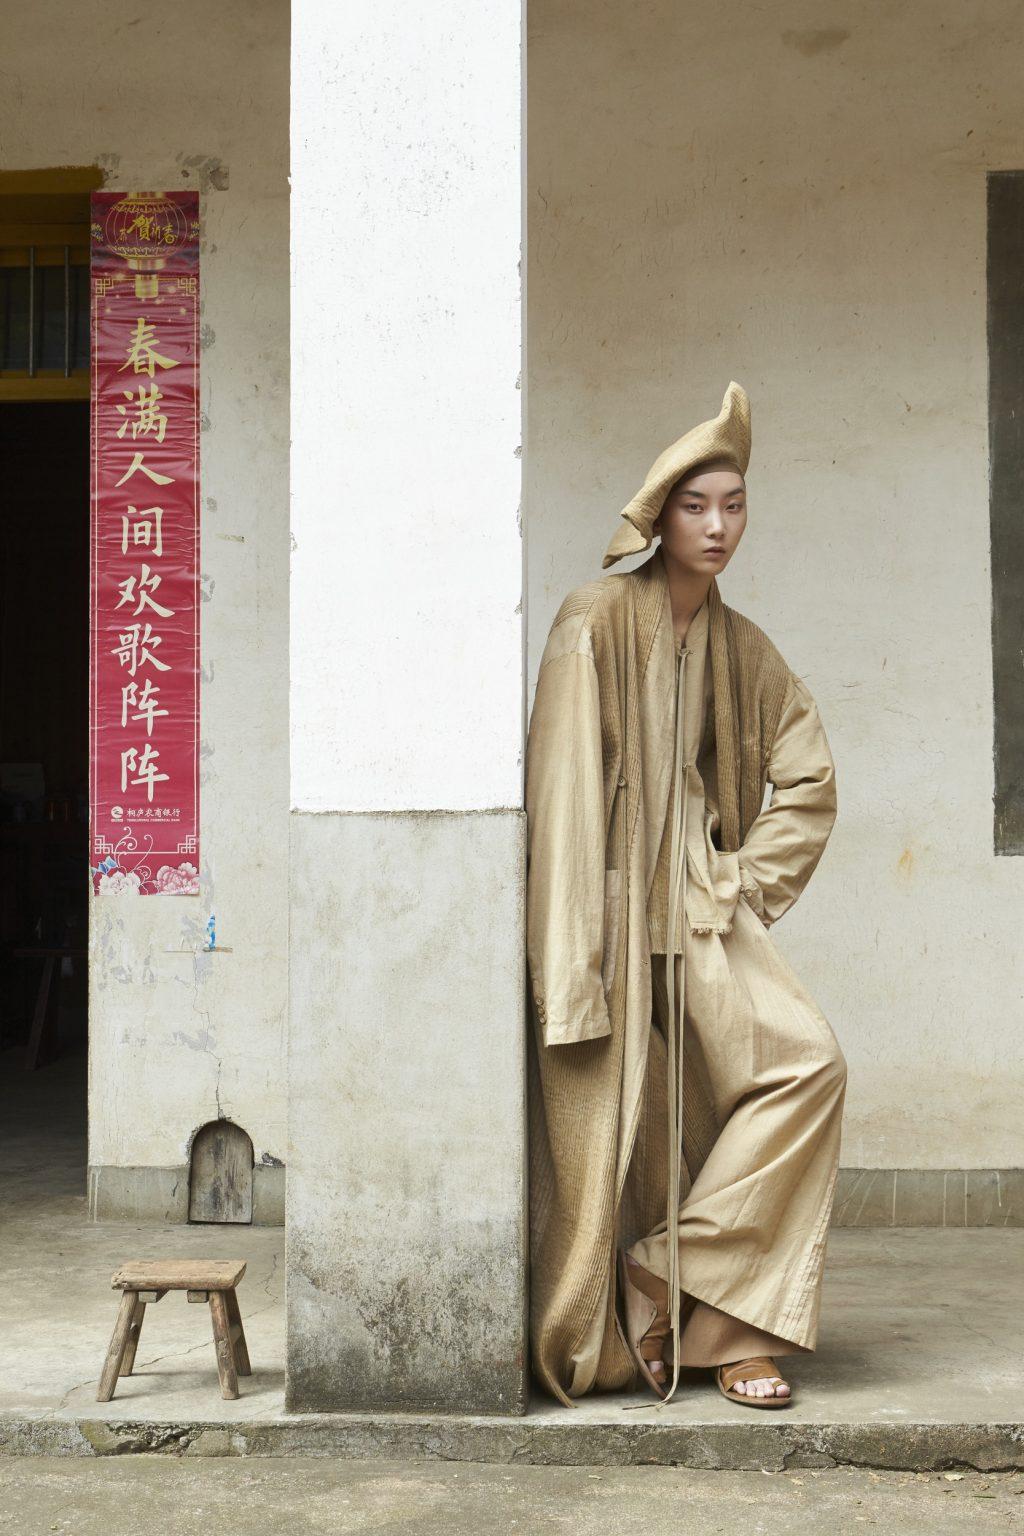 viaggio-in-cinatrip-in-china-5